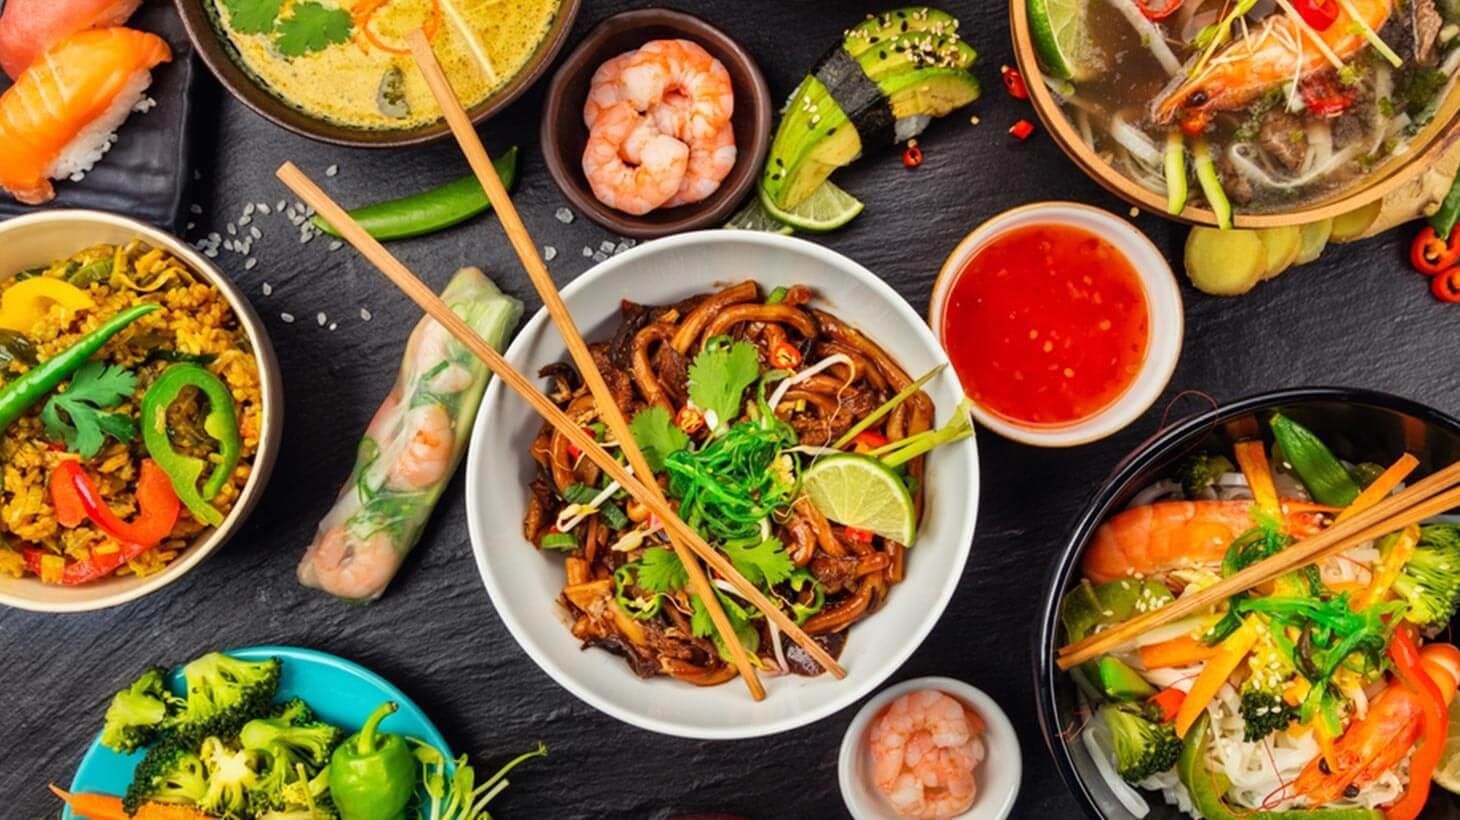 Super gesund und super lecker! Die asiatische Küche